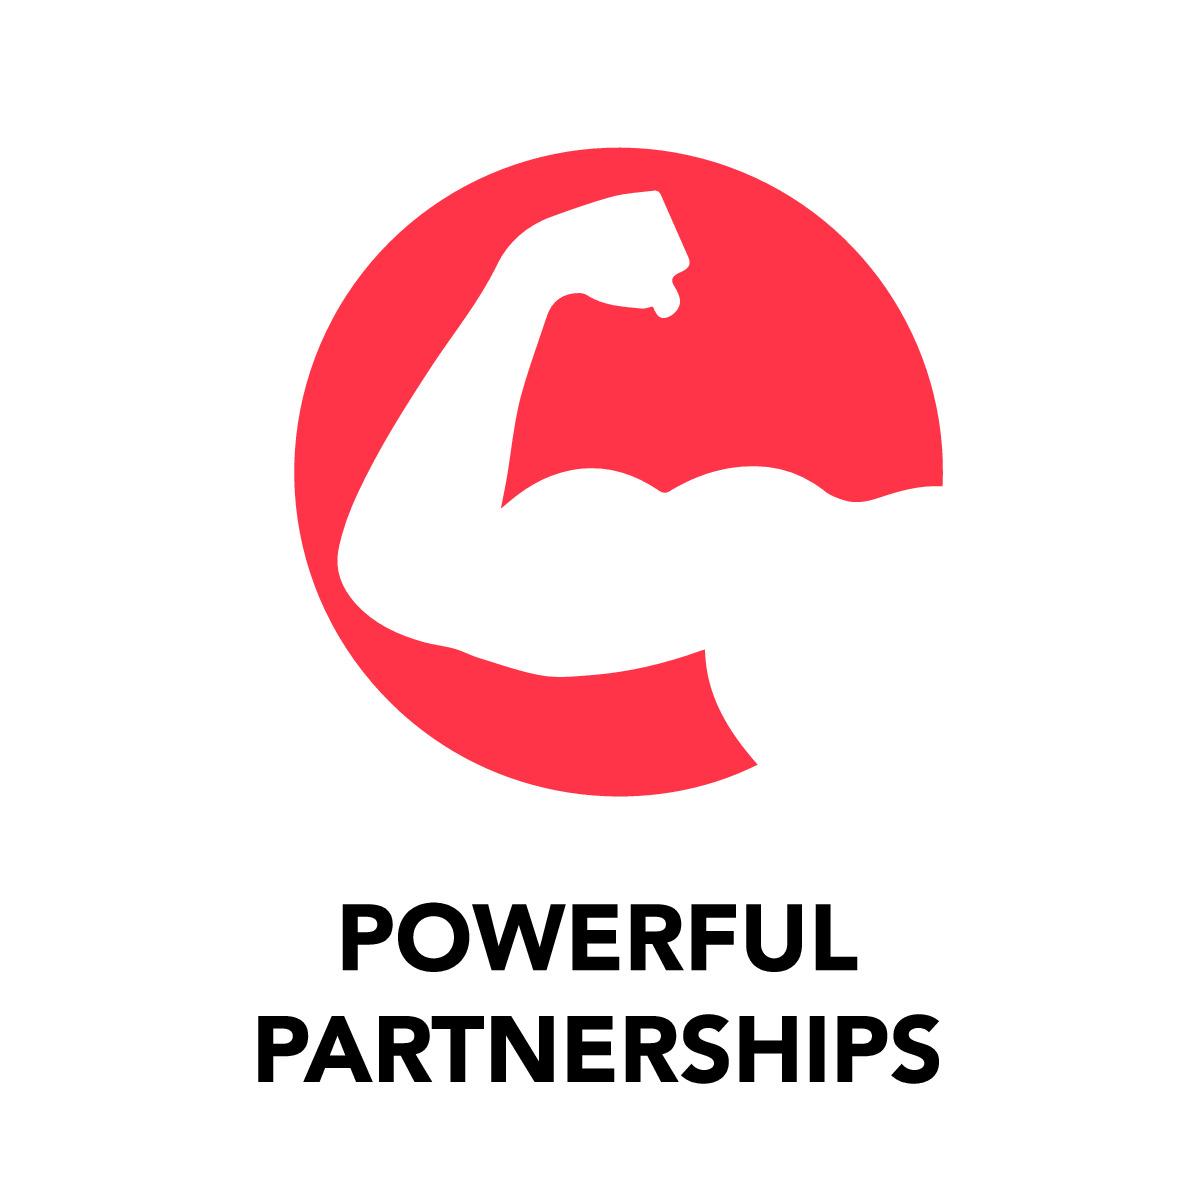 PowerfulRelaitonships-1